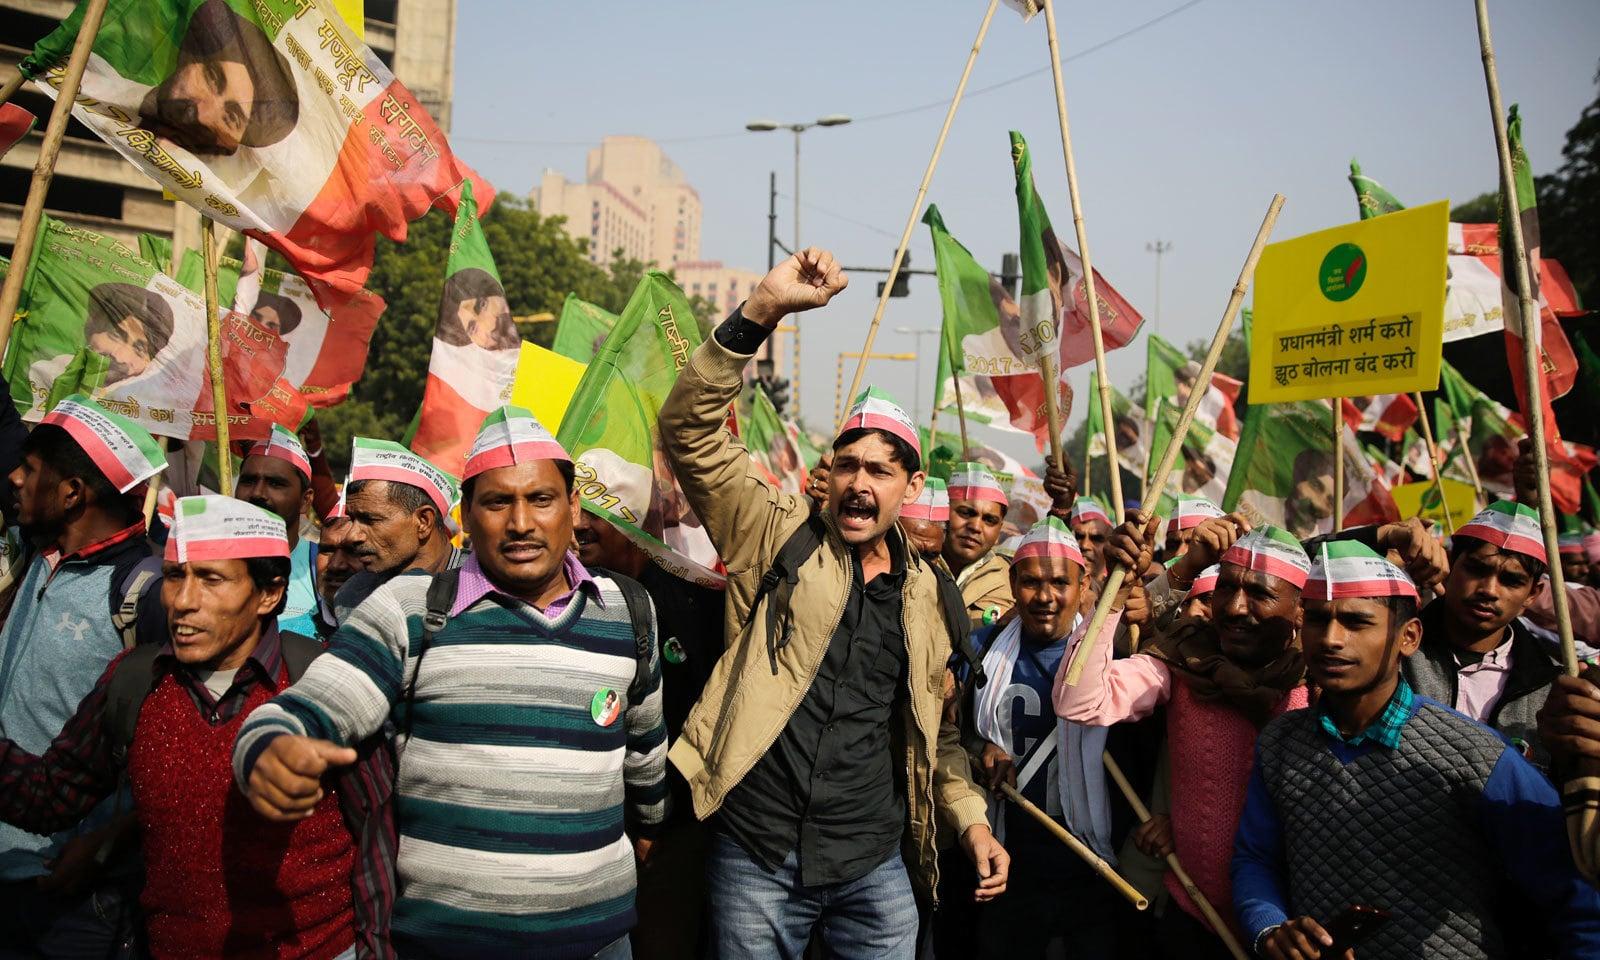 شرکا نے بی جے پی کو اقتدار سے ہٹانے کے لیے ملک بھر کے عوام سے آگے آنے کی اپیل کی — فوٹو: اے پی